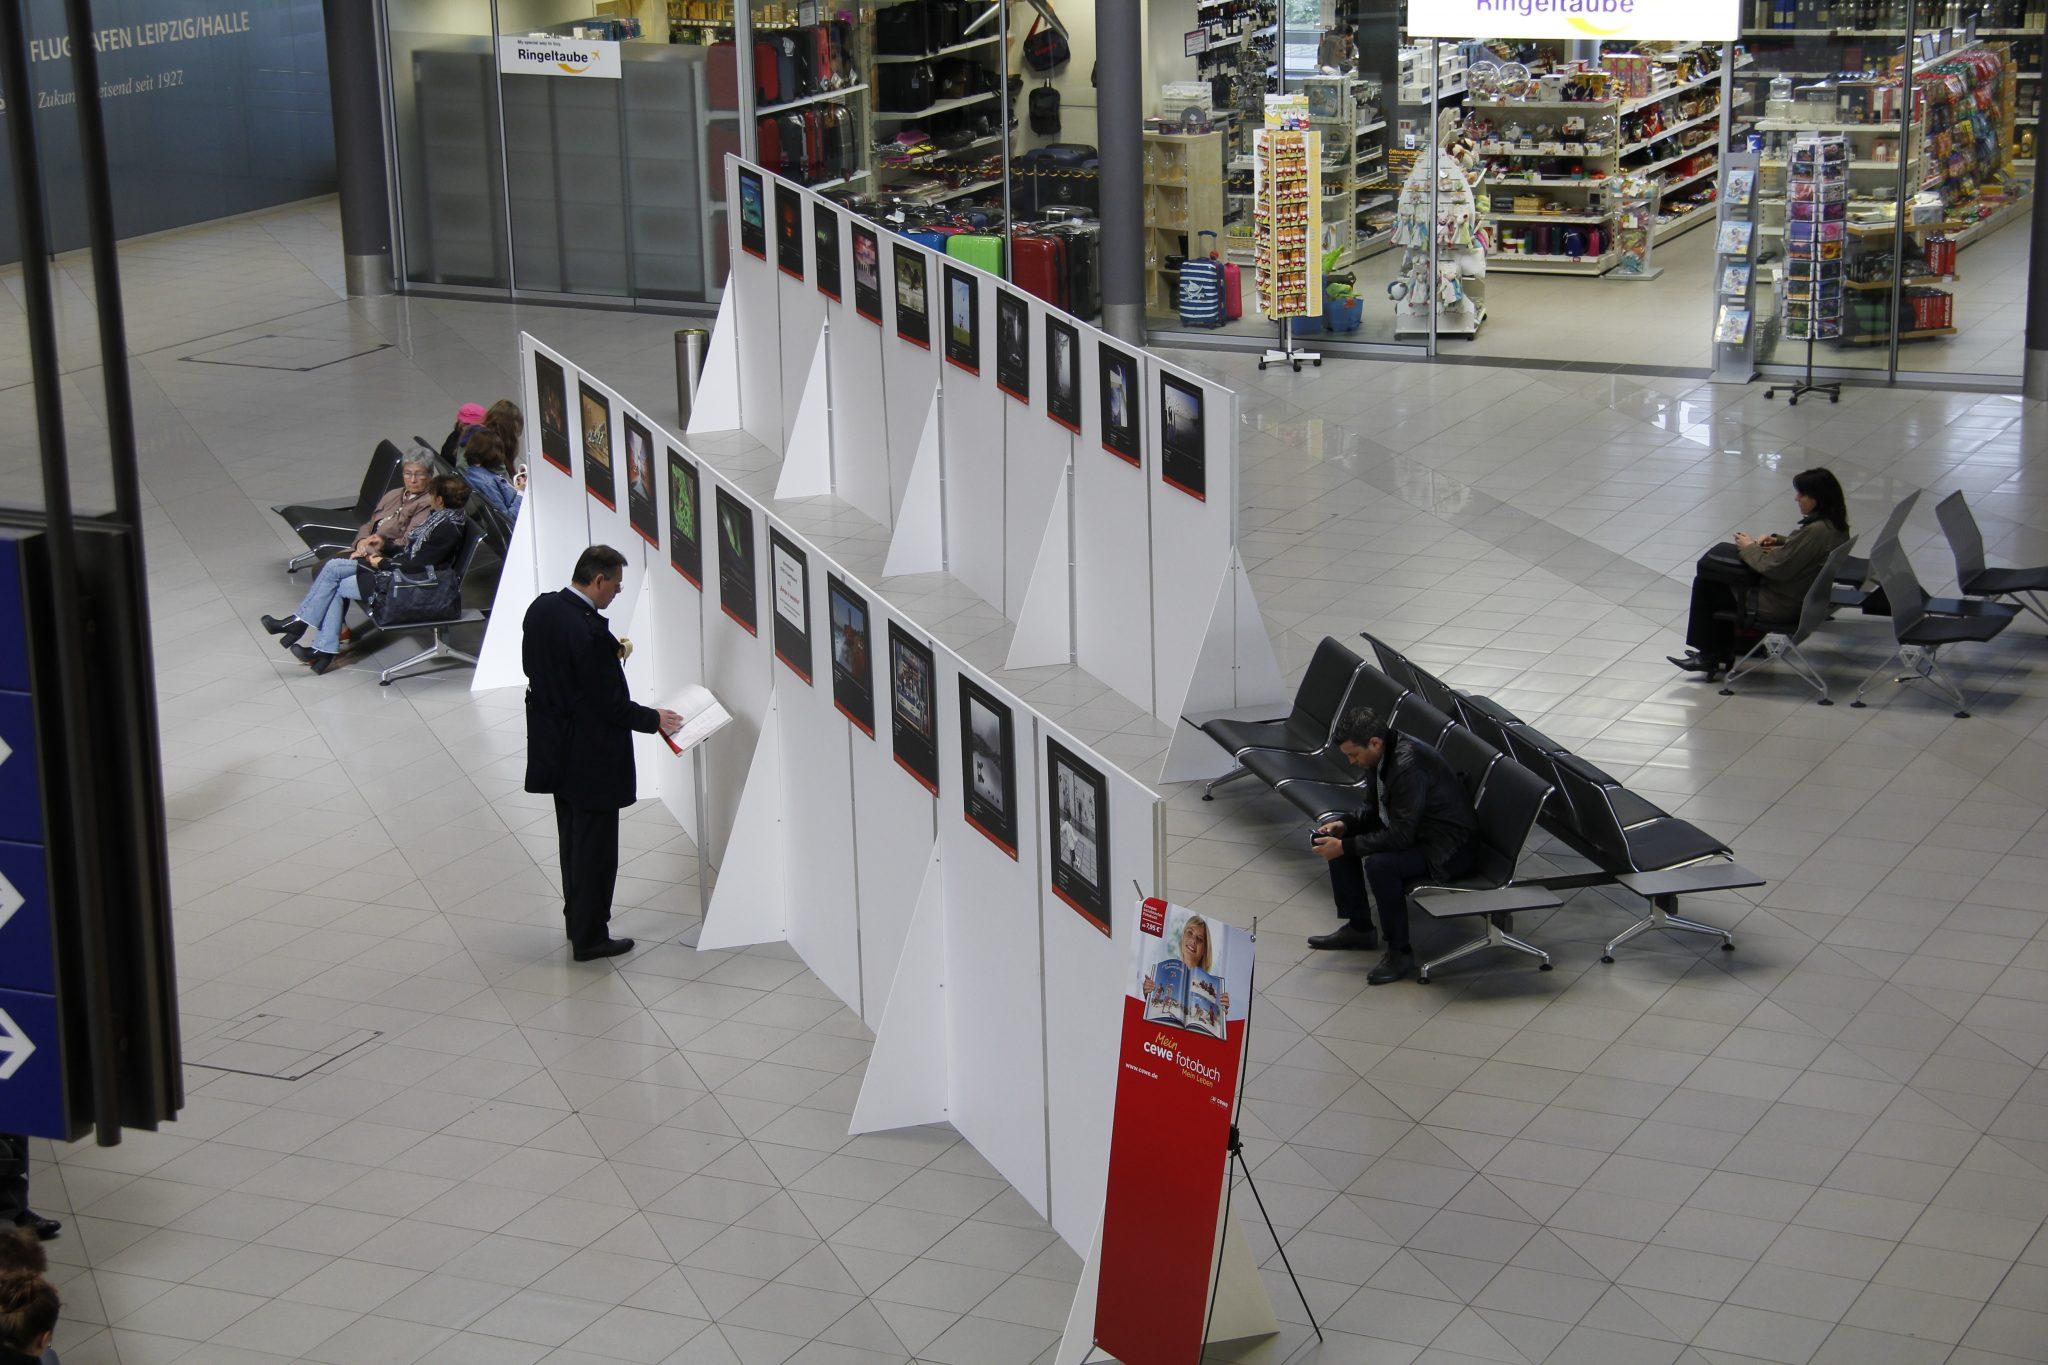 Fotoausstellung Flughafen Leipzig